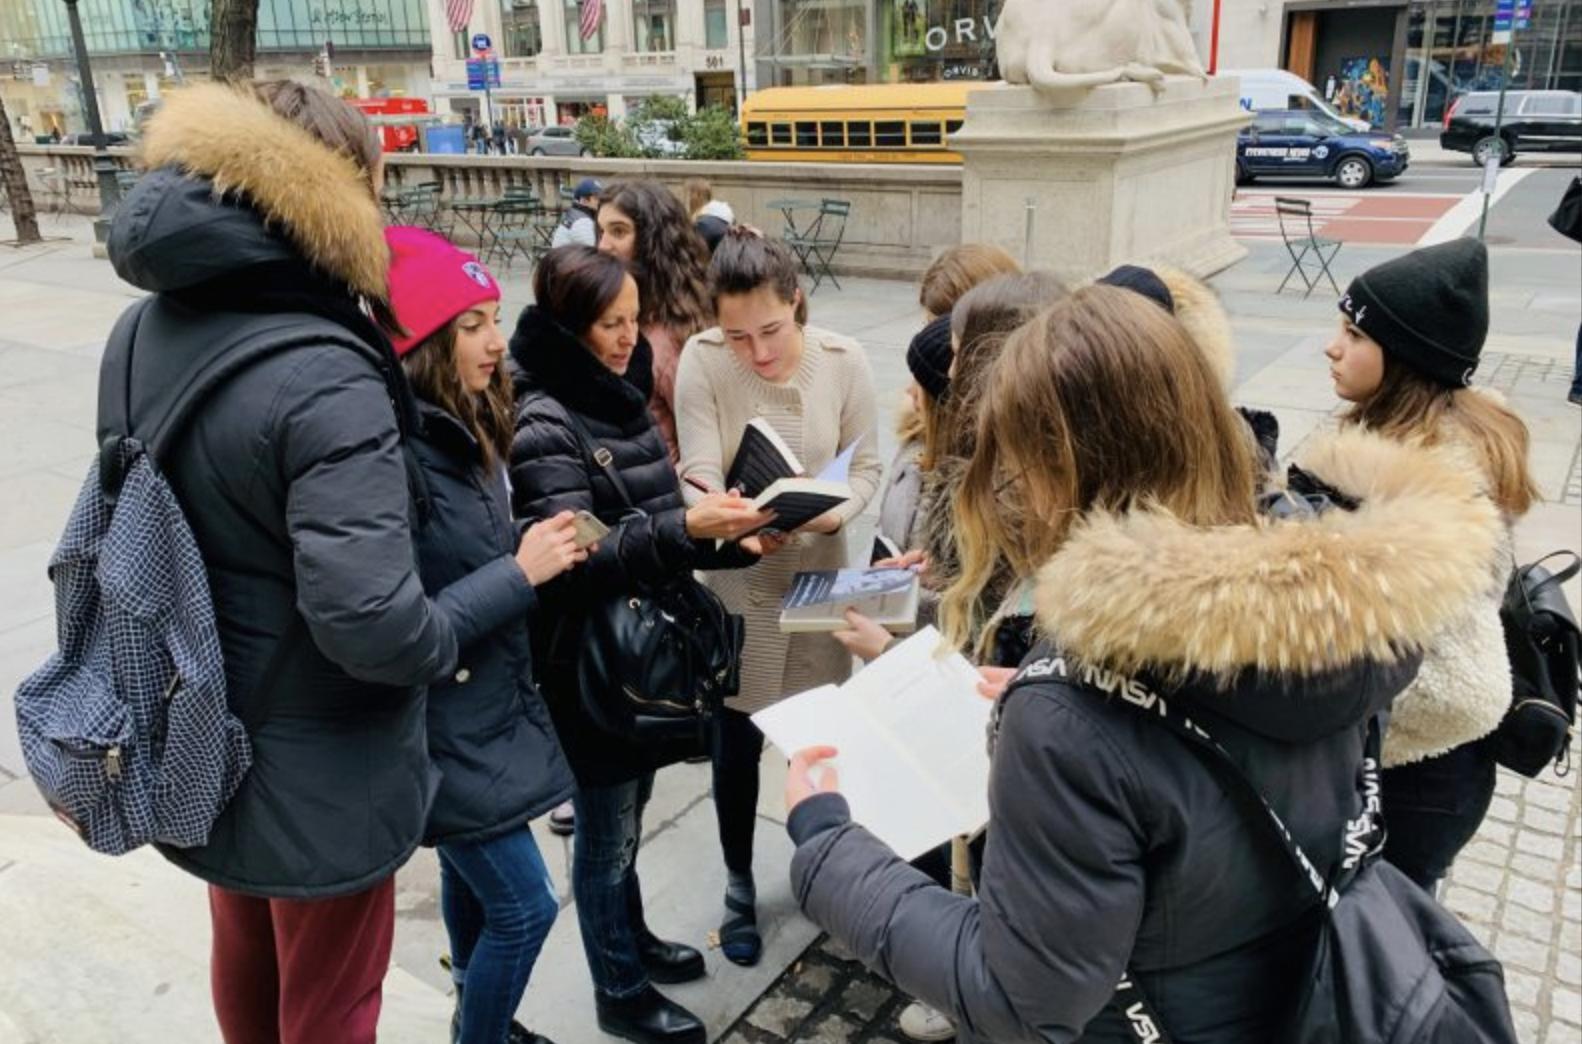 Signing copies